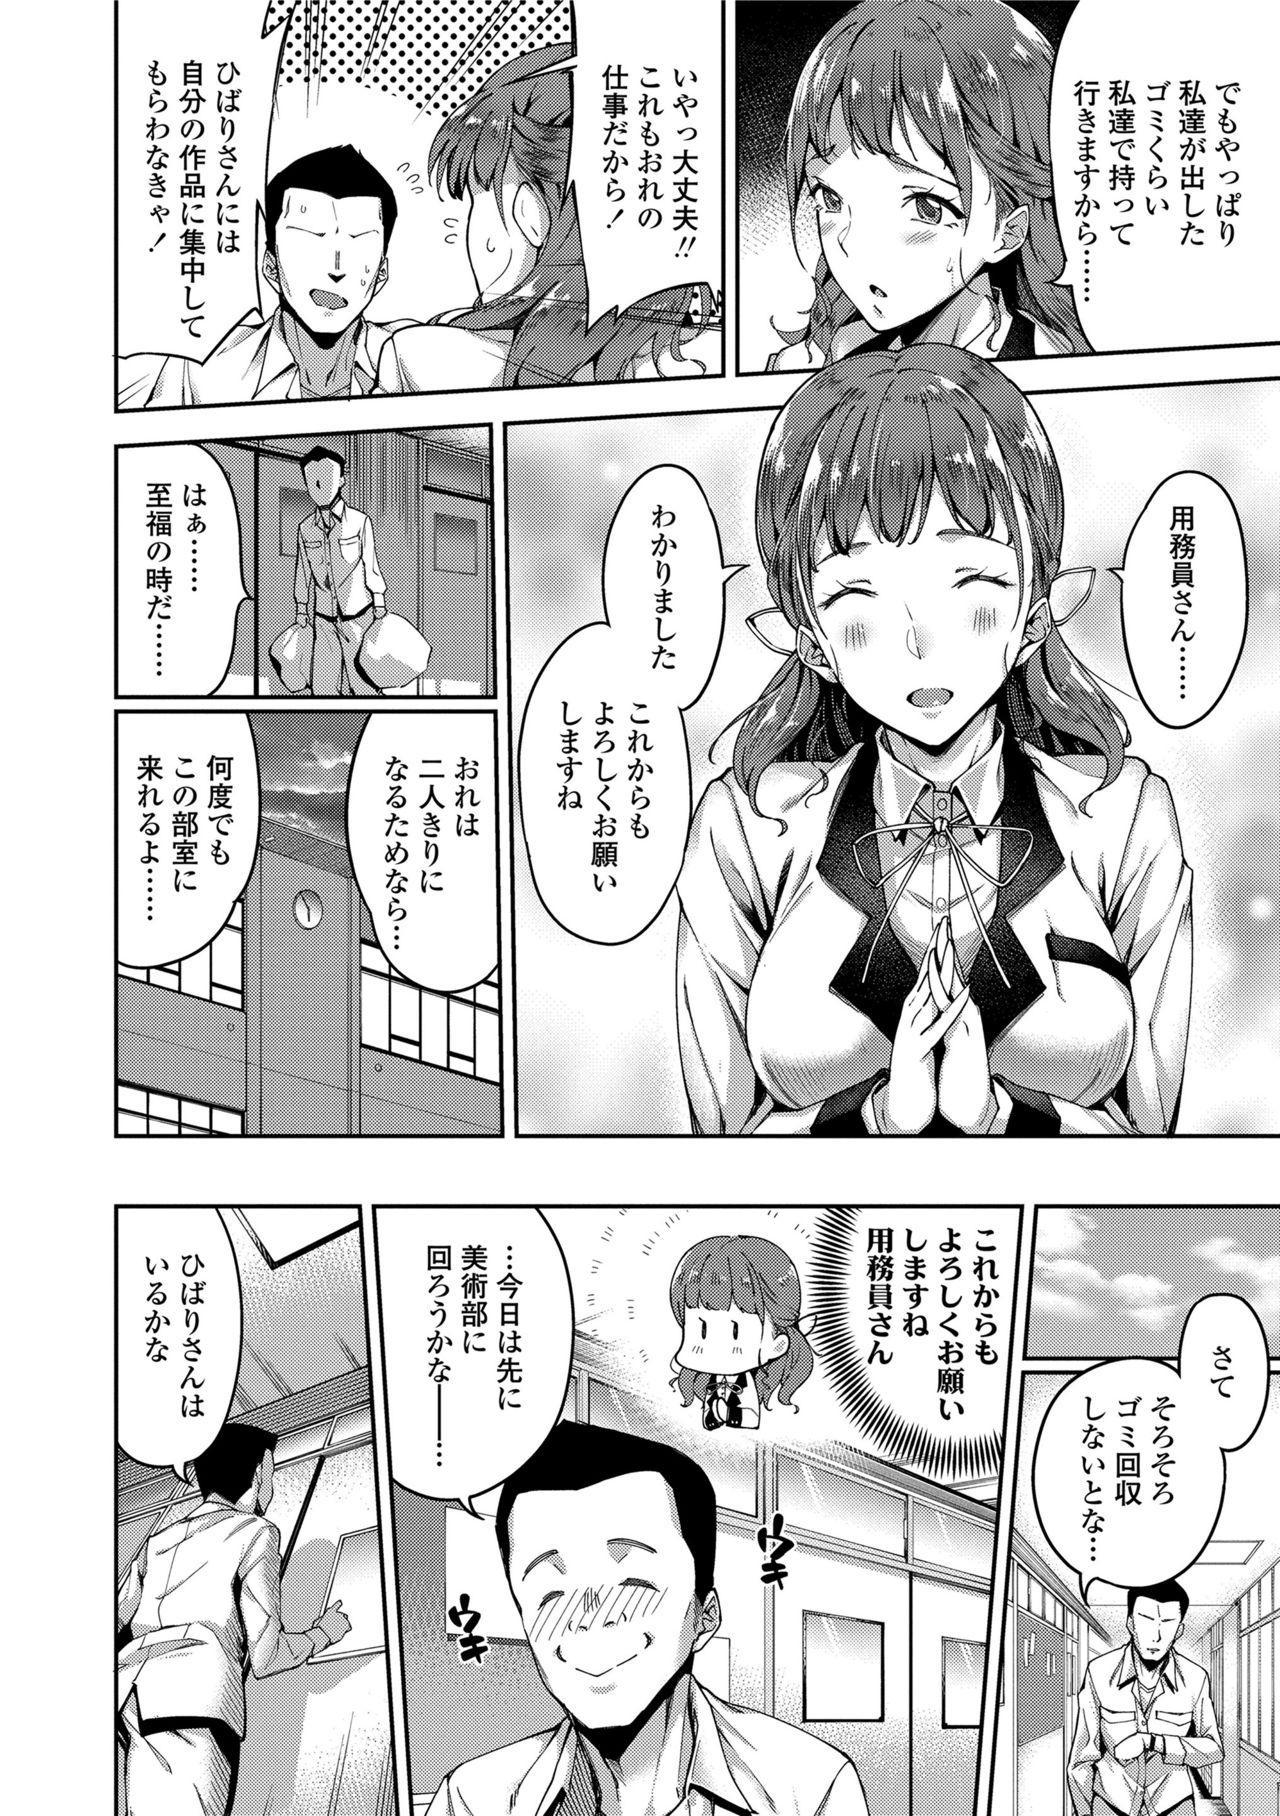 Ai ga Nakutemo Ecchi wa Dekiru! - Even if There is No Love You Can H! 5